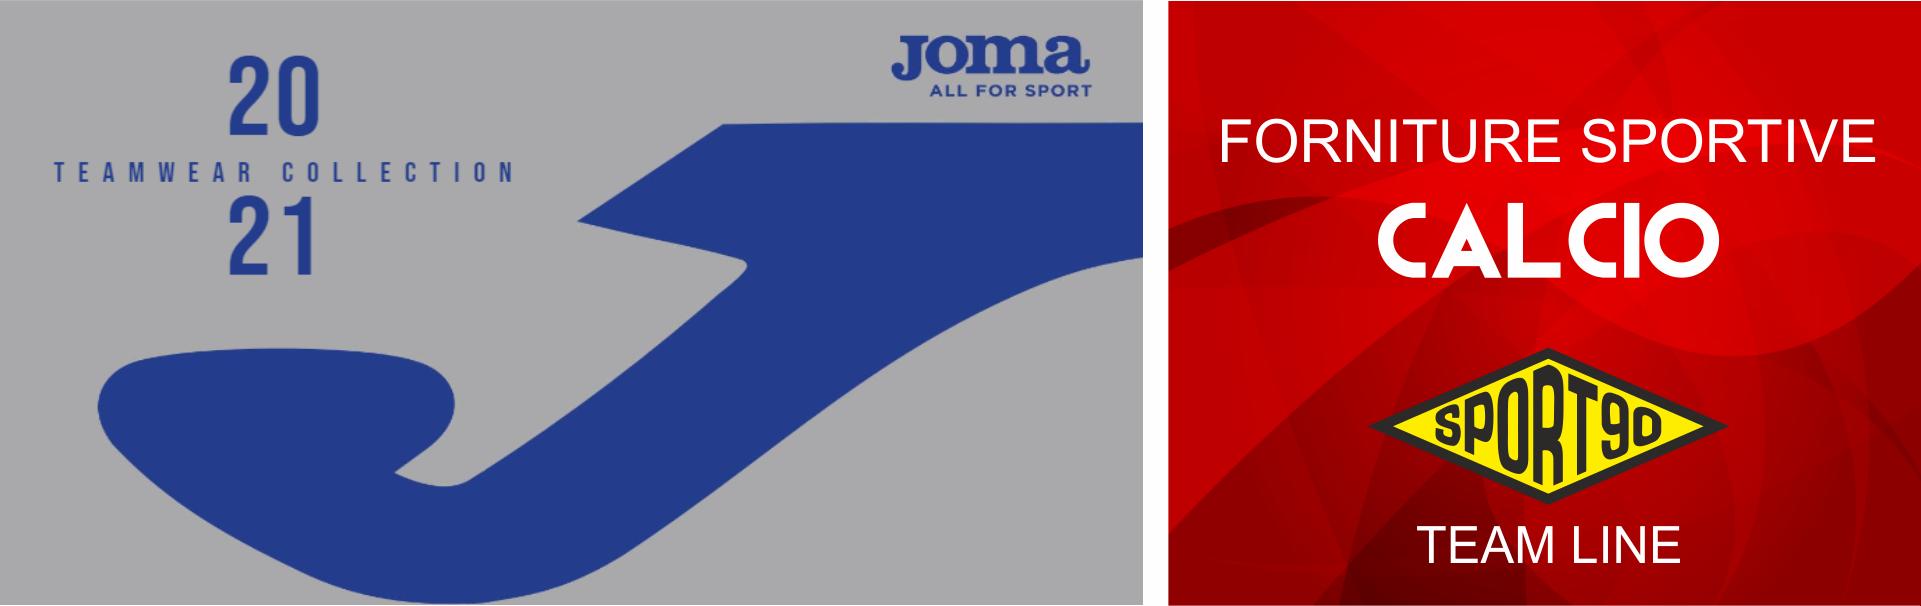 joma sport società calcio forniture sportive